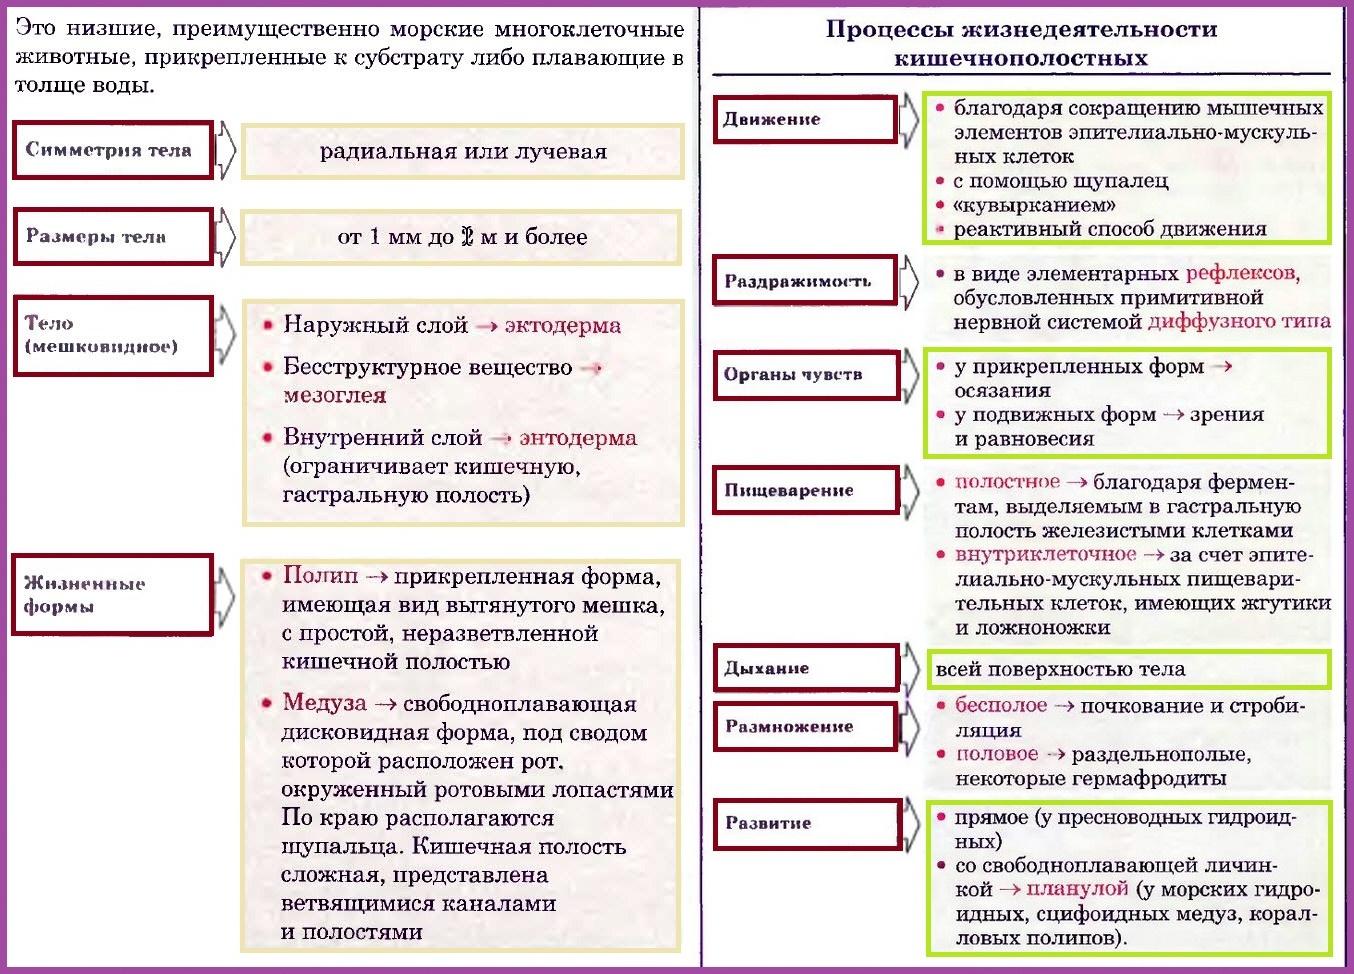 Реферат по биологии кишечнополостные 2561